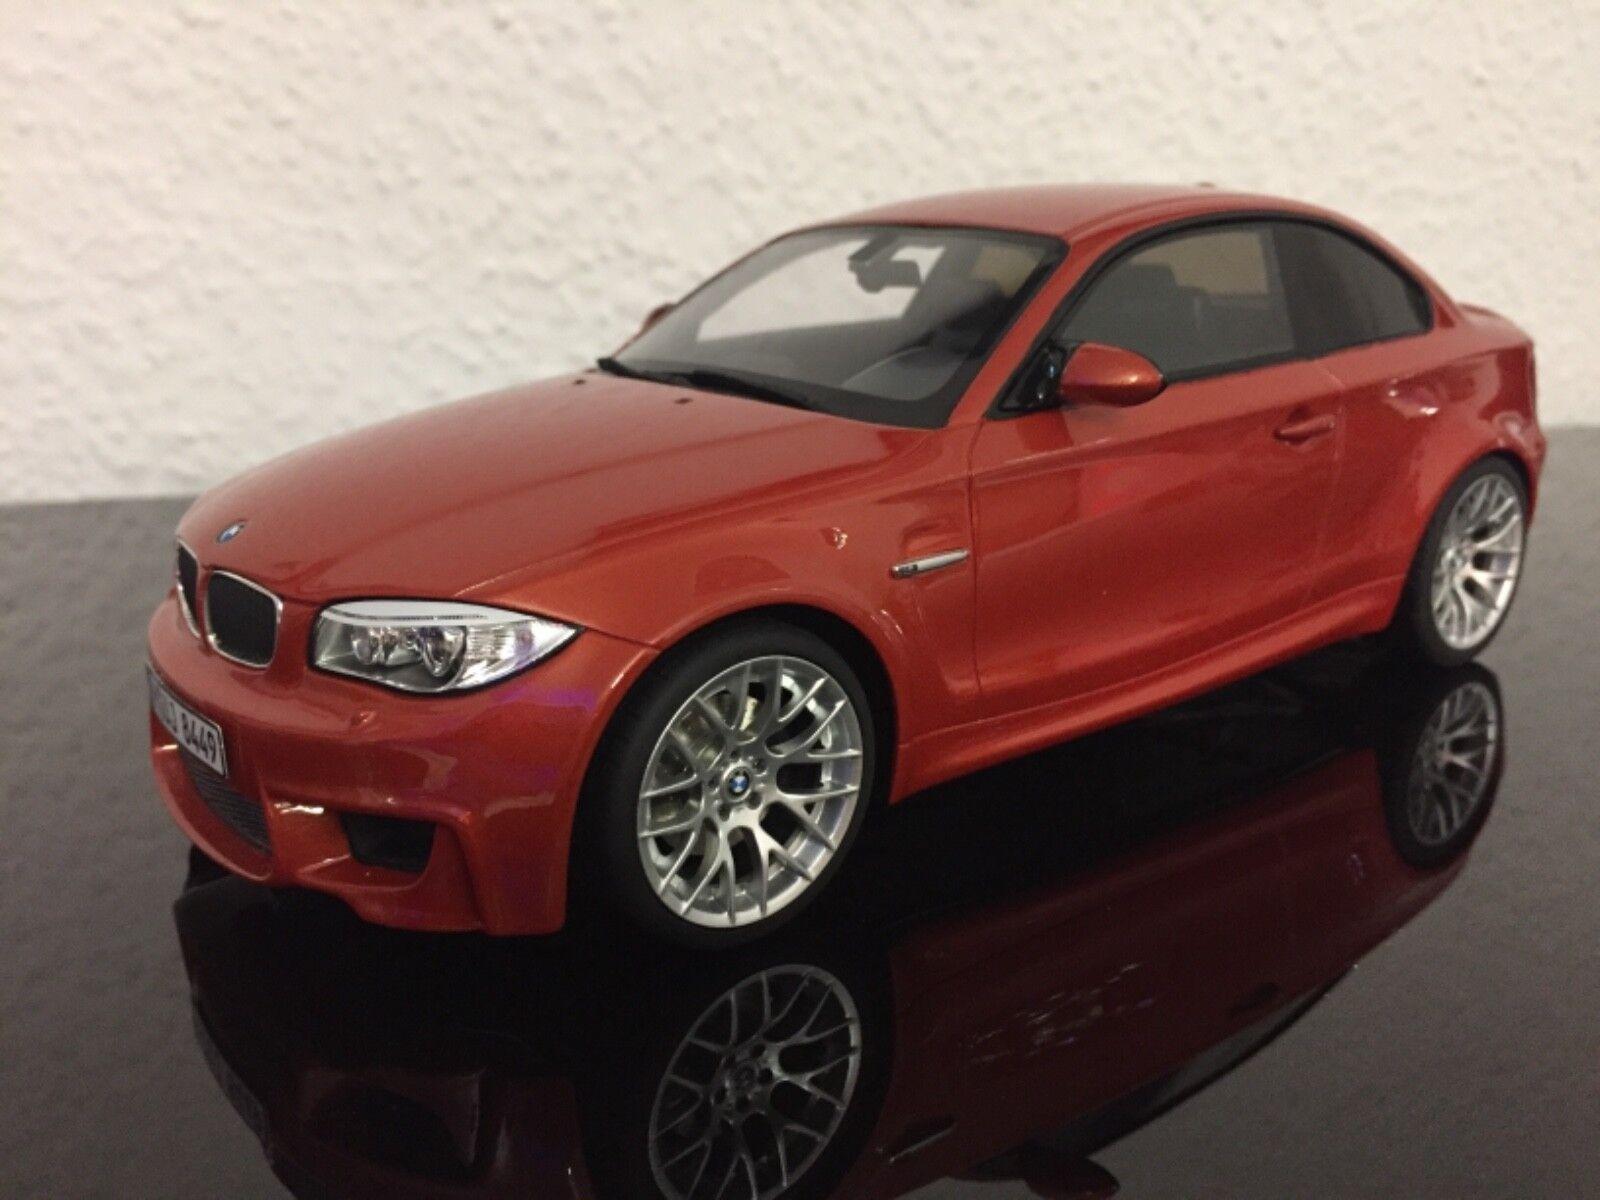 BMW 1er M 1M E82 Valencia orange GT anda GT018 1 18